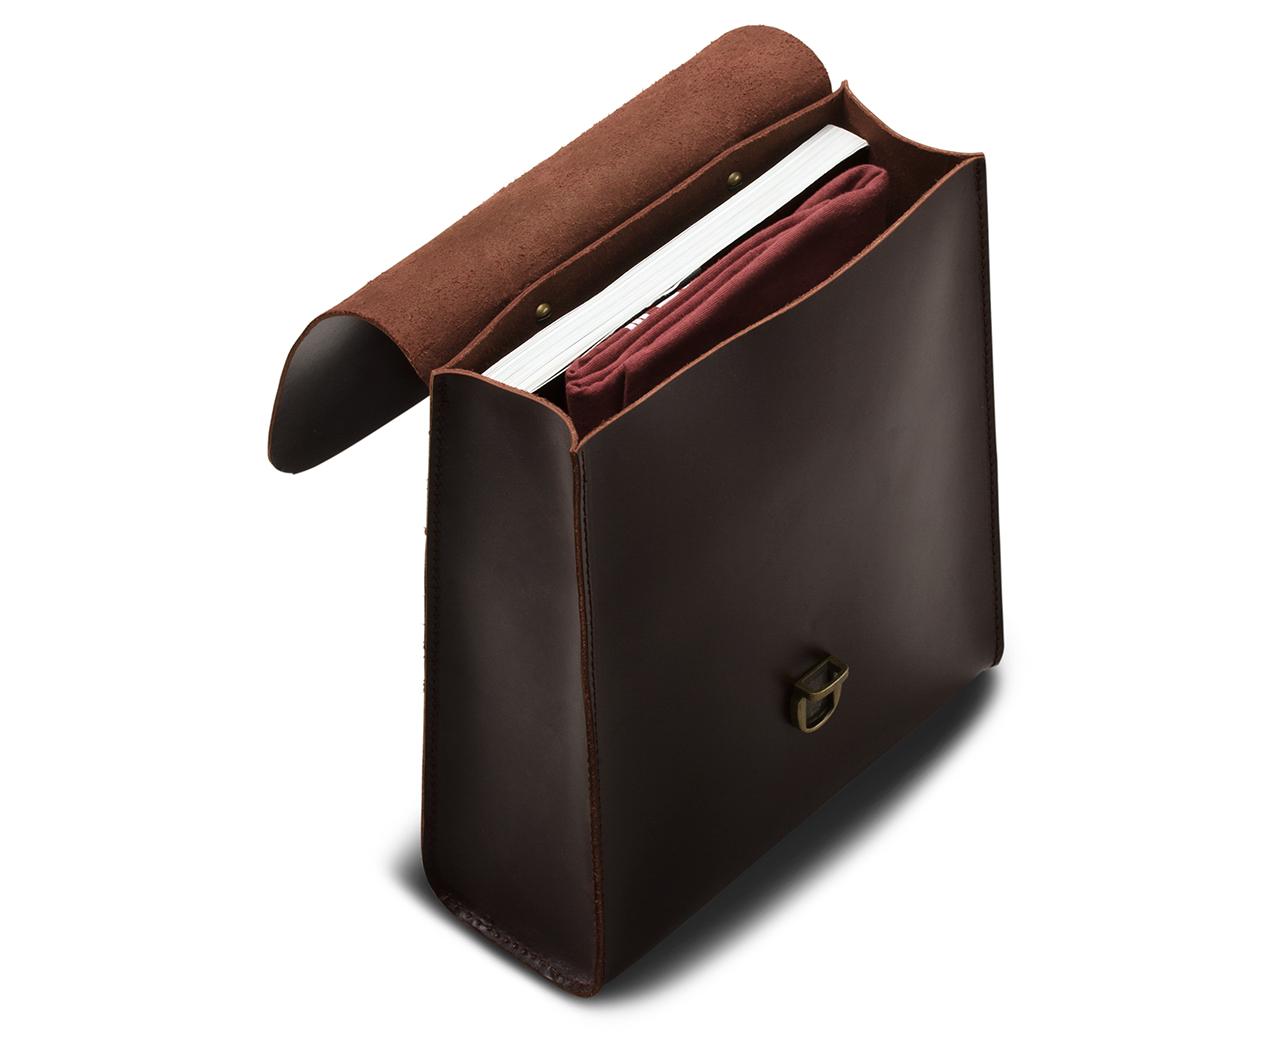 mini brando leather backpack bags satchels official dr martens store uk. Black Bedroom Furniture Sets. Home Design Ideas